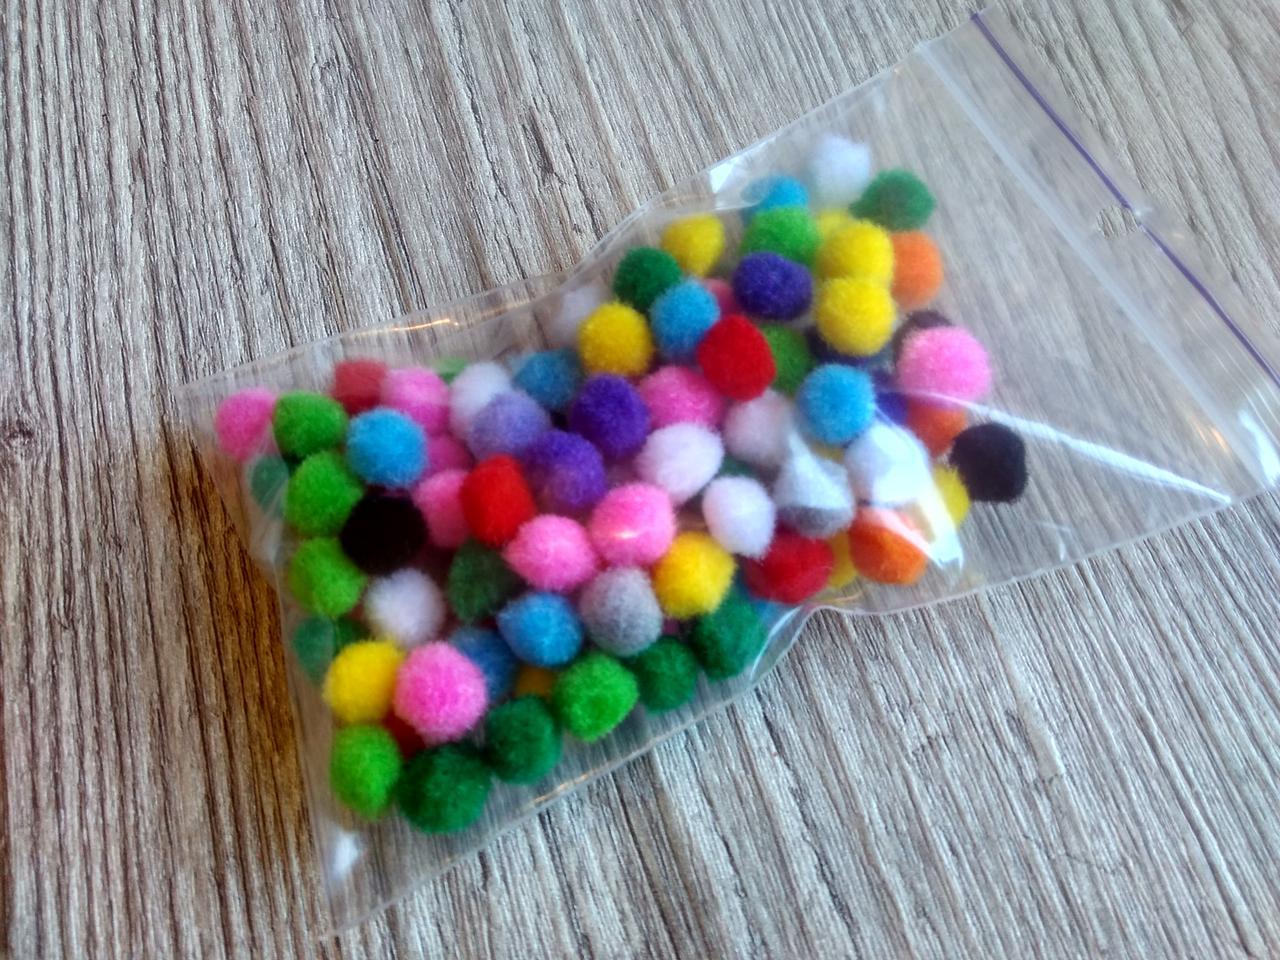 Помпоны - шарики микс D - 1 см, 100 шт - 10 грн